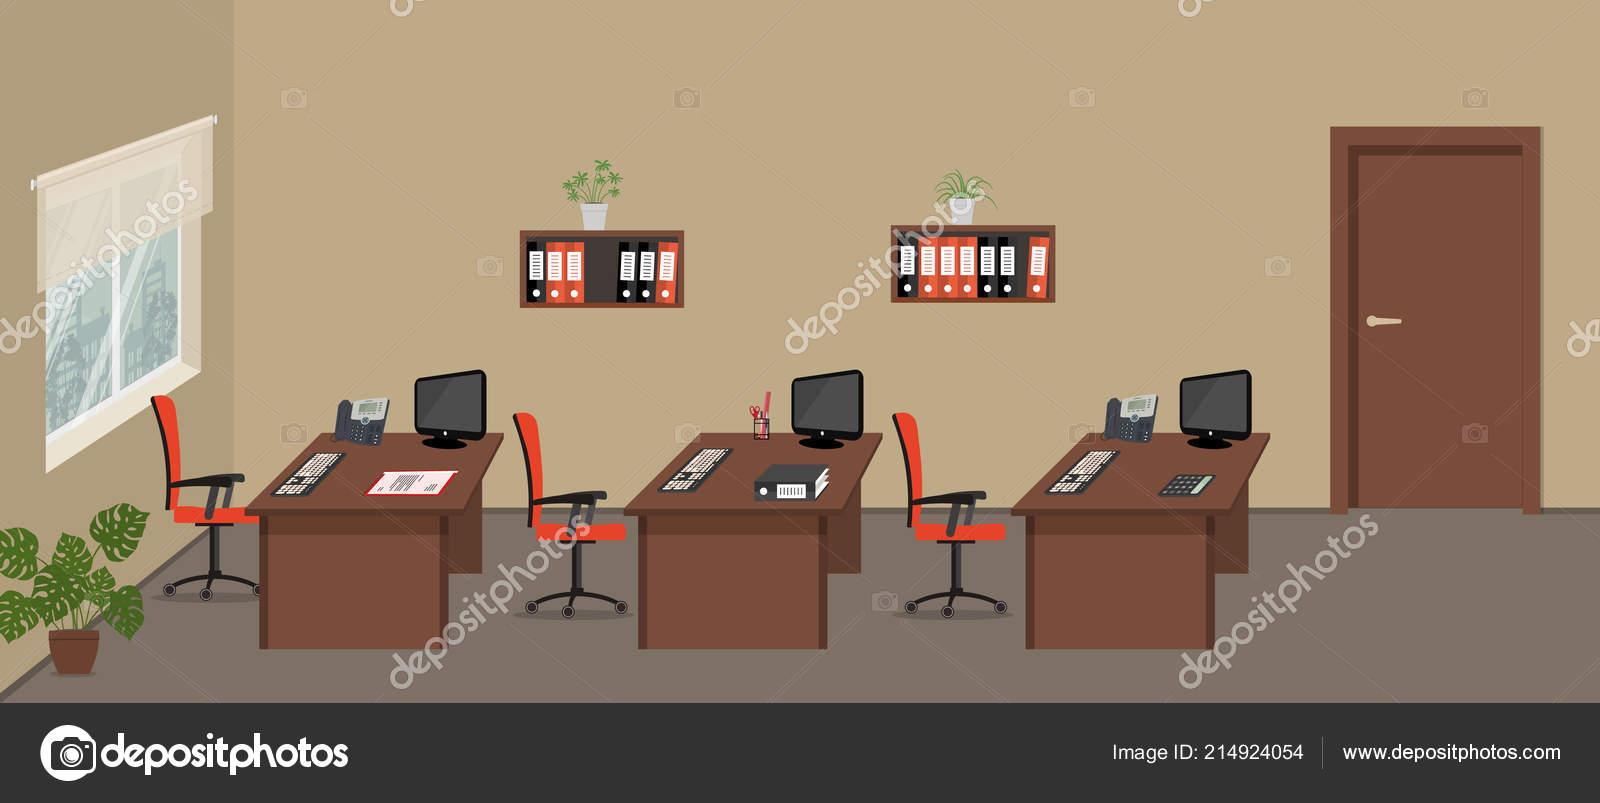 fotos von innenräumen des büroraums büroraum eine beige farbe gibt schreibtische rote stühle computer telefone stockvektor